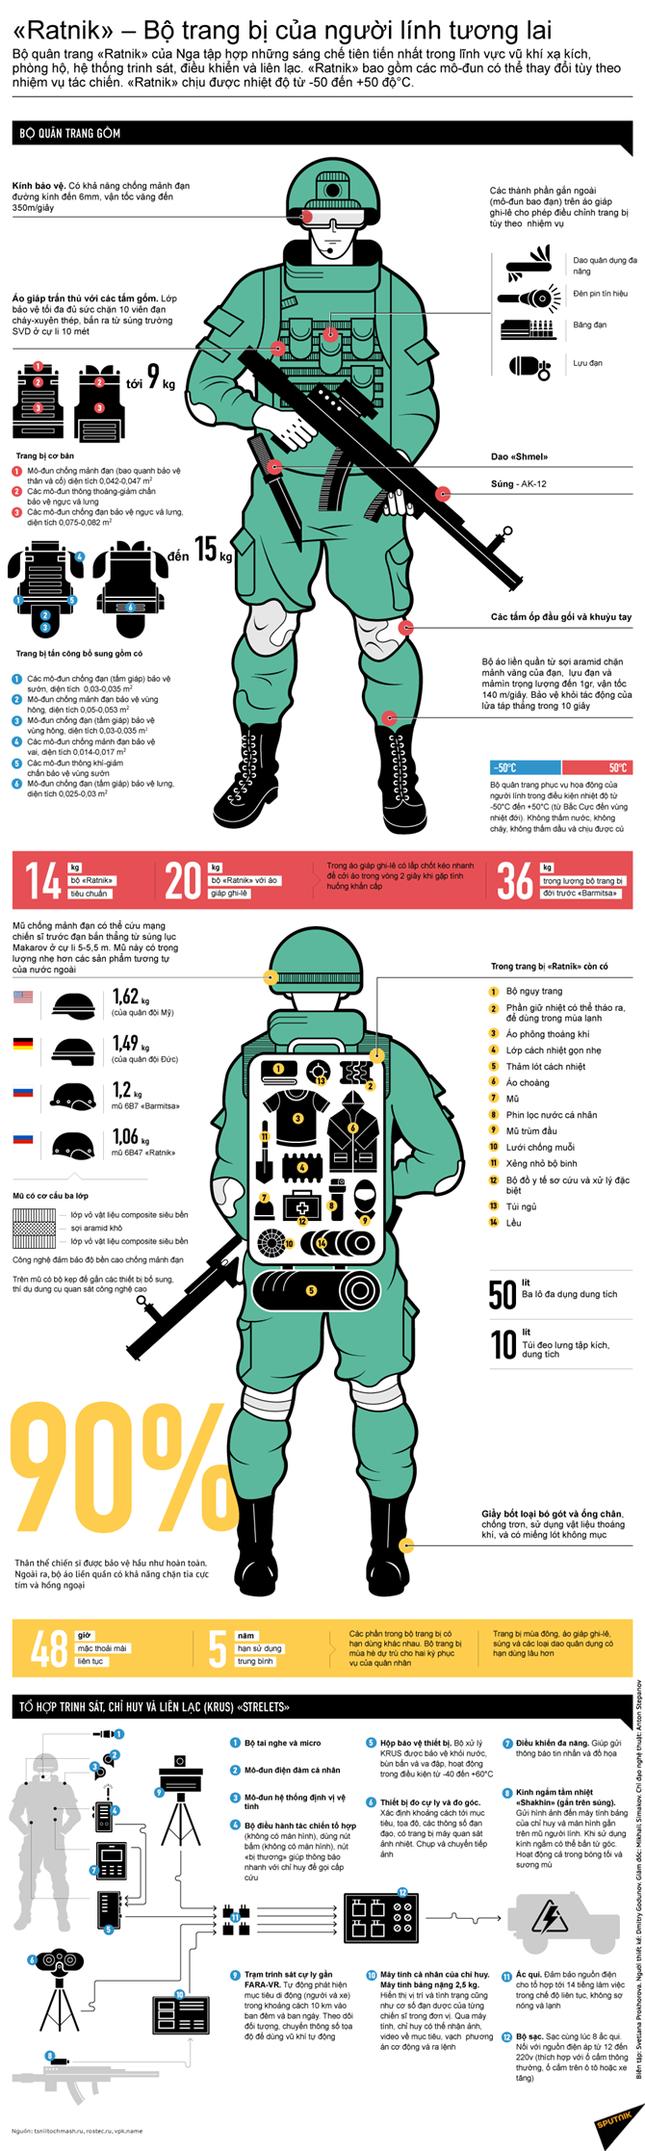 """Quân đội Nga trang bị 100 nghìn bộ """"siêu áo giáp"""" cho lính bộ binh - ảnh 1"""